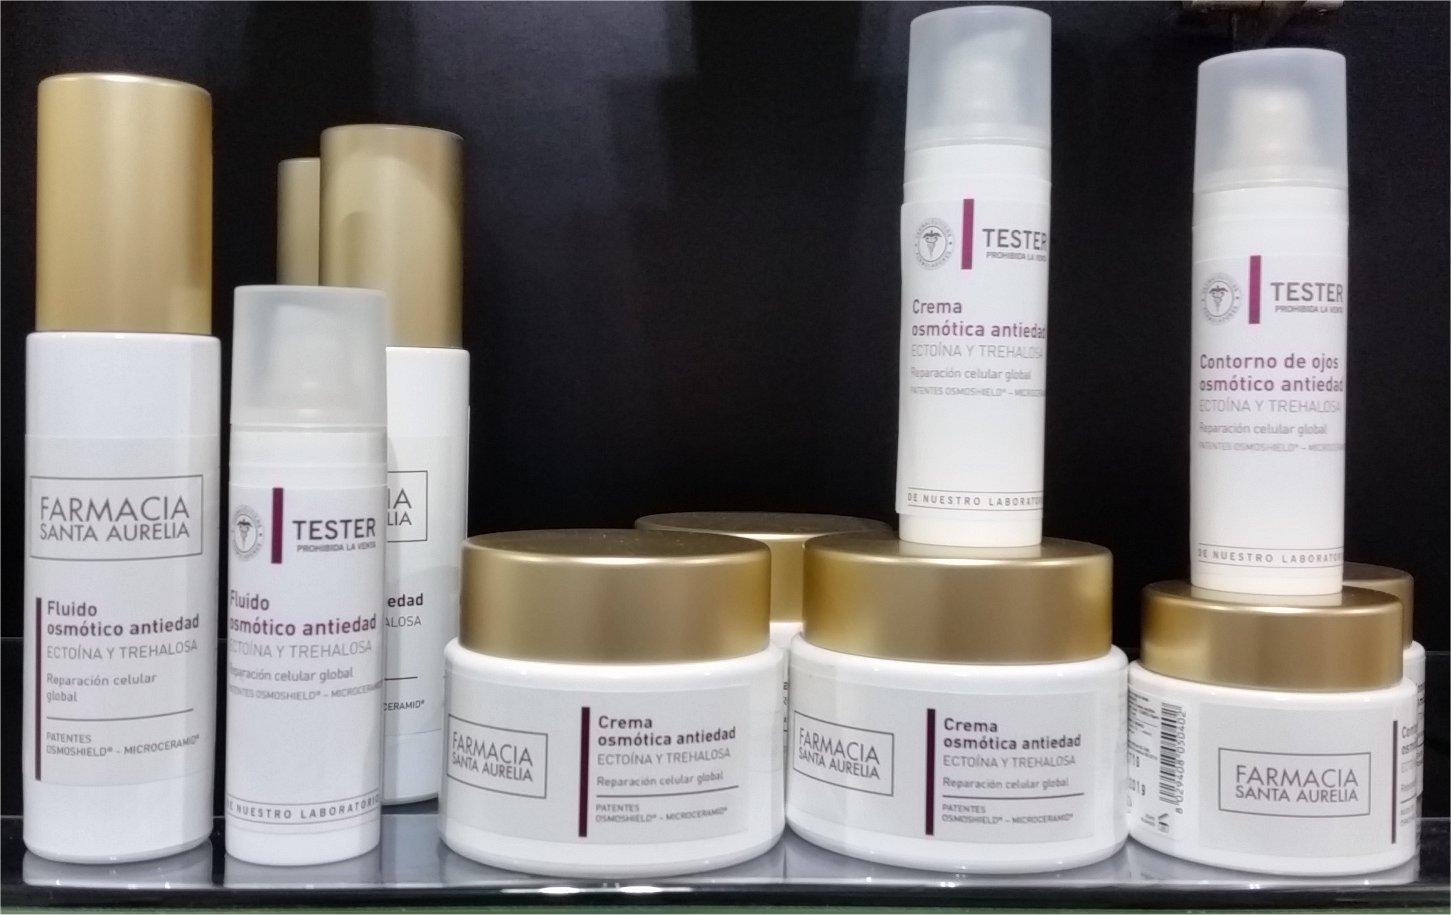 Productos alta gama marca Farmacia Santa Aurelia